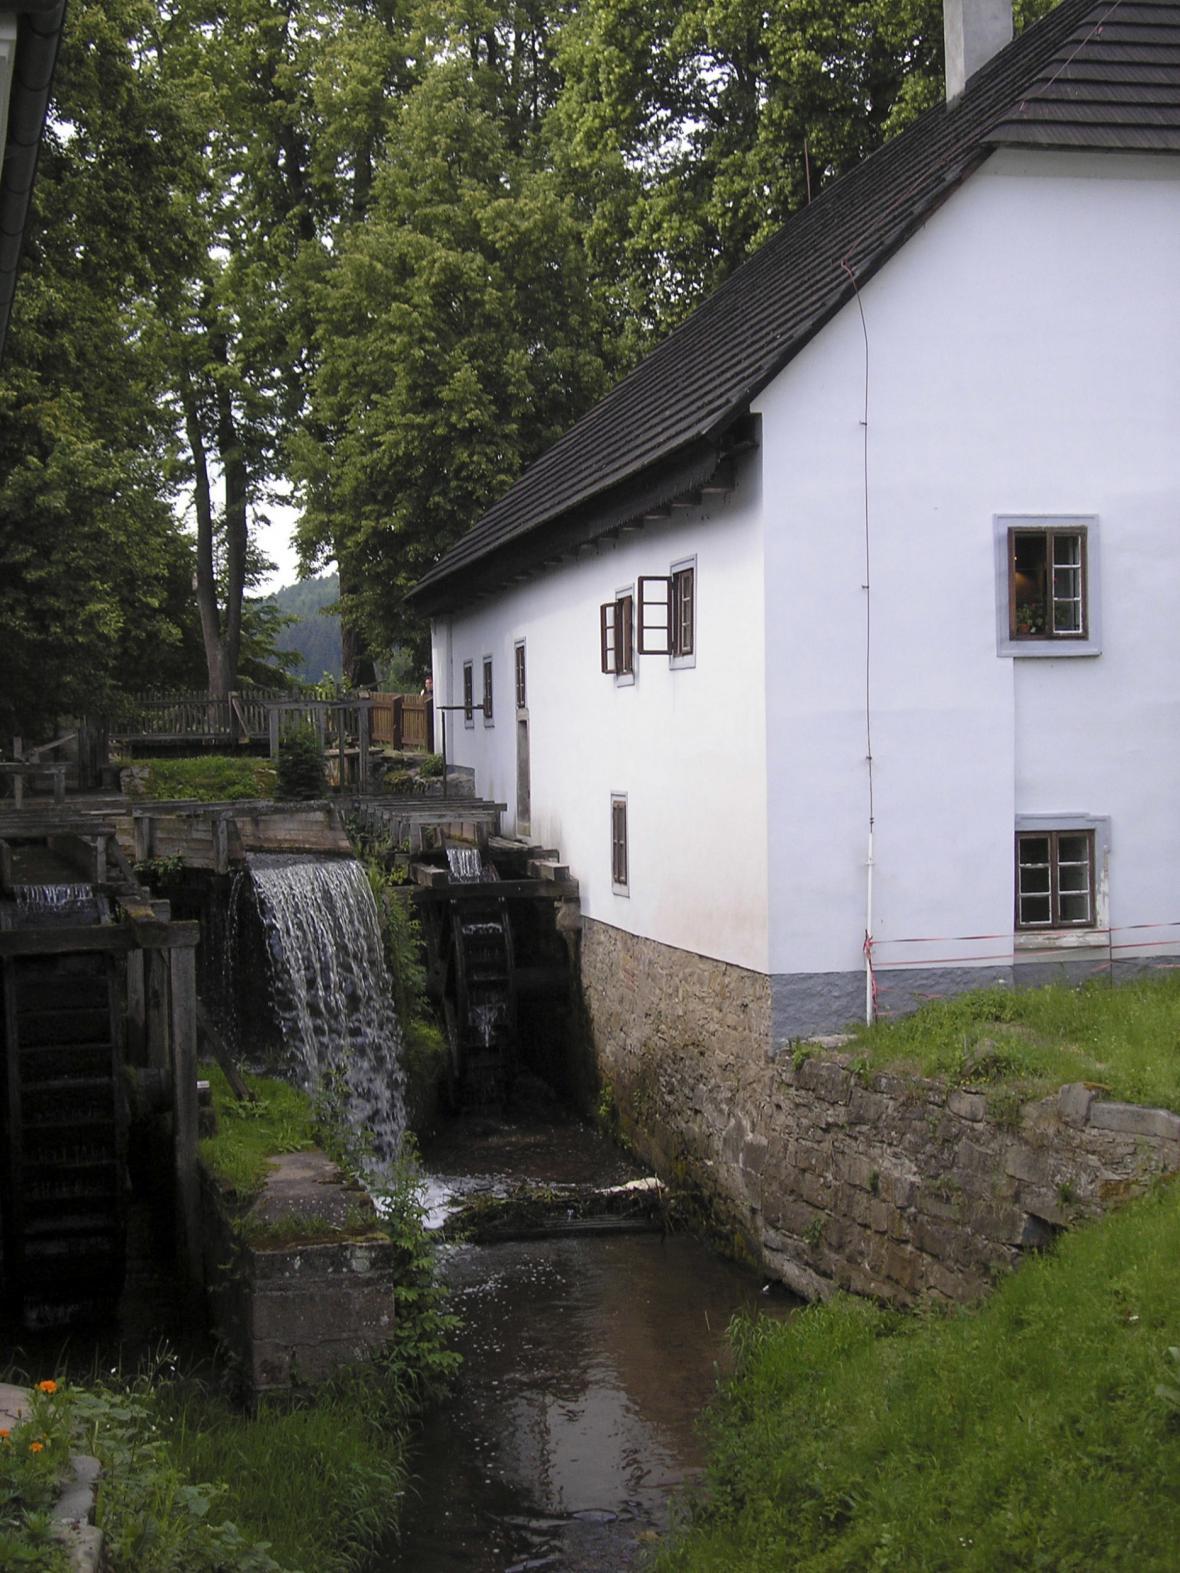 Náhon Rudrova mlýna v Babiččině údolí